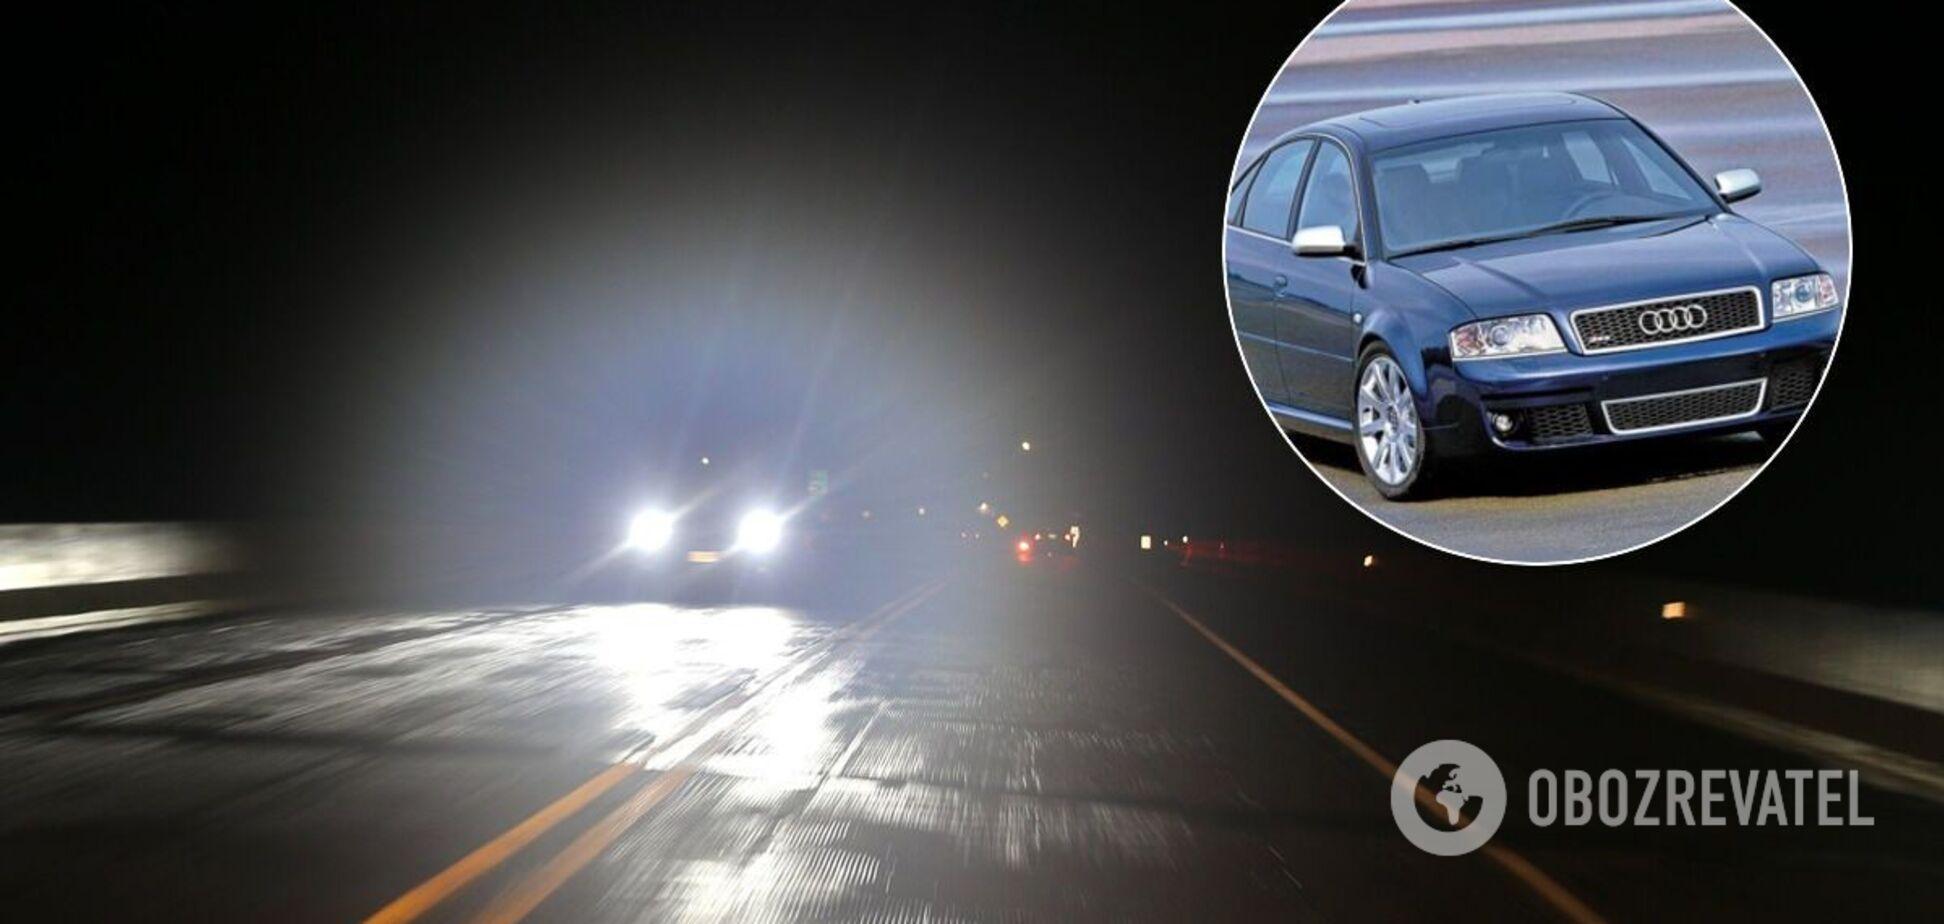 Фахівці показали, як можна поліпшити світло фар автомобіля на 500%